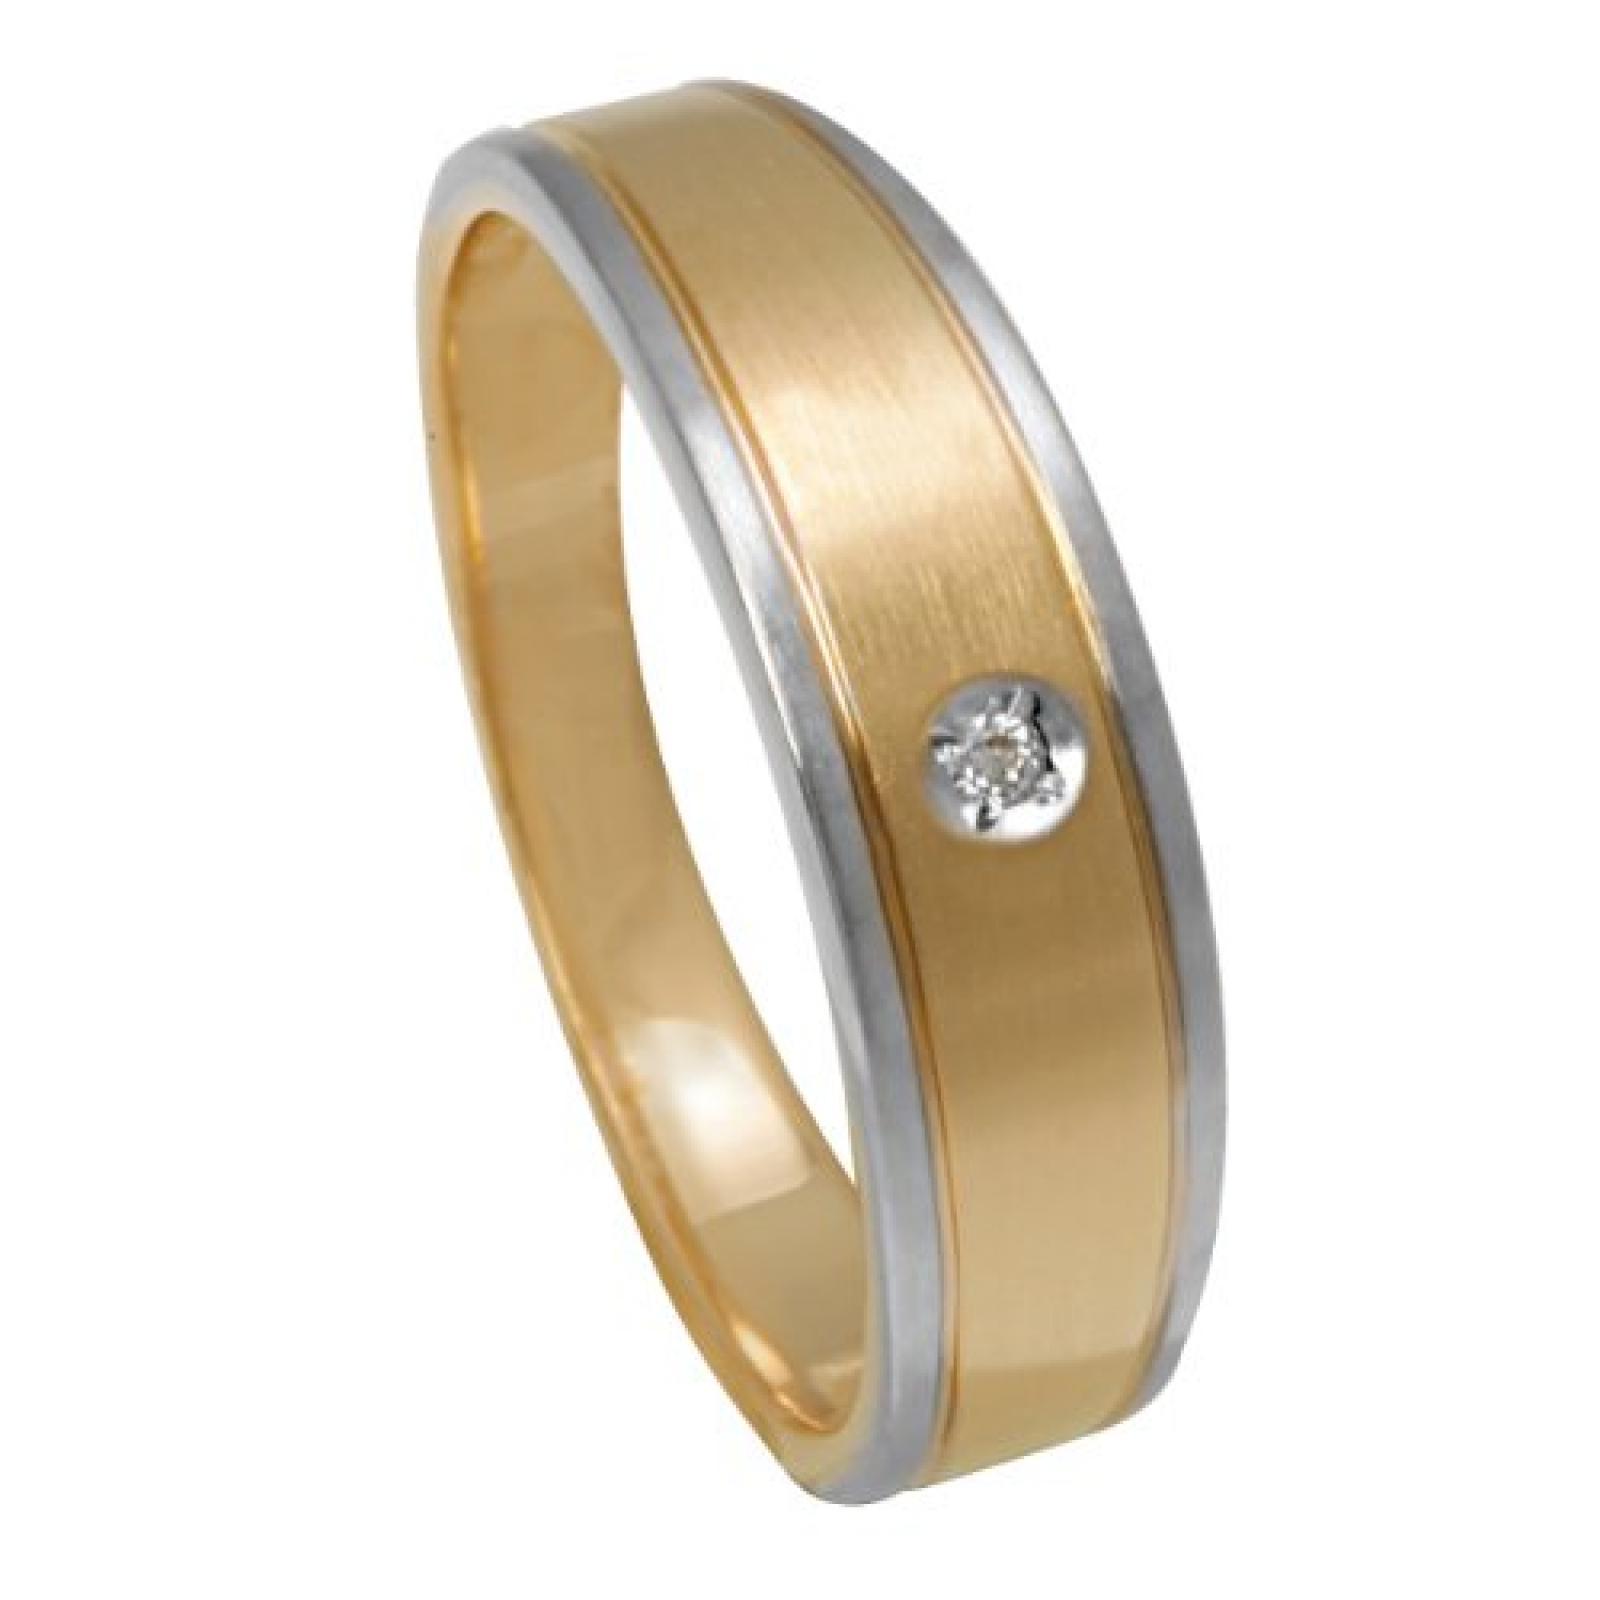 Bella Donna Damen-Ring 375 Gelbgold teilrhodiniert 1 Diamant